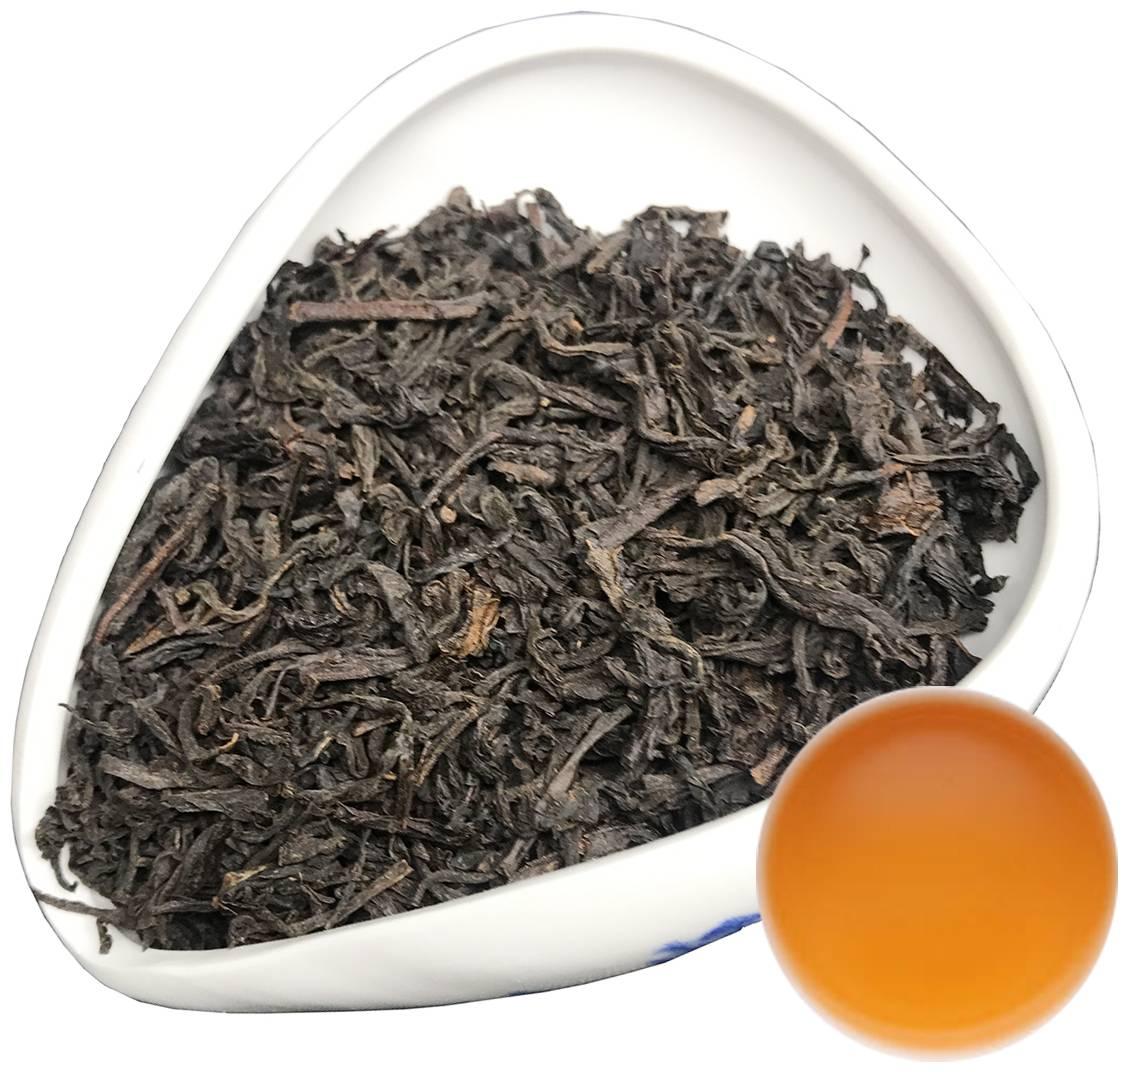 Чай «ассам» (20 фото): что это такое, описание и состав черного индийского напитка, отзывы